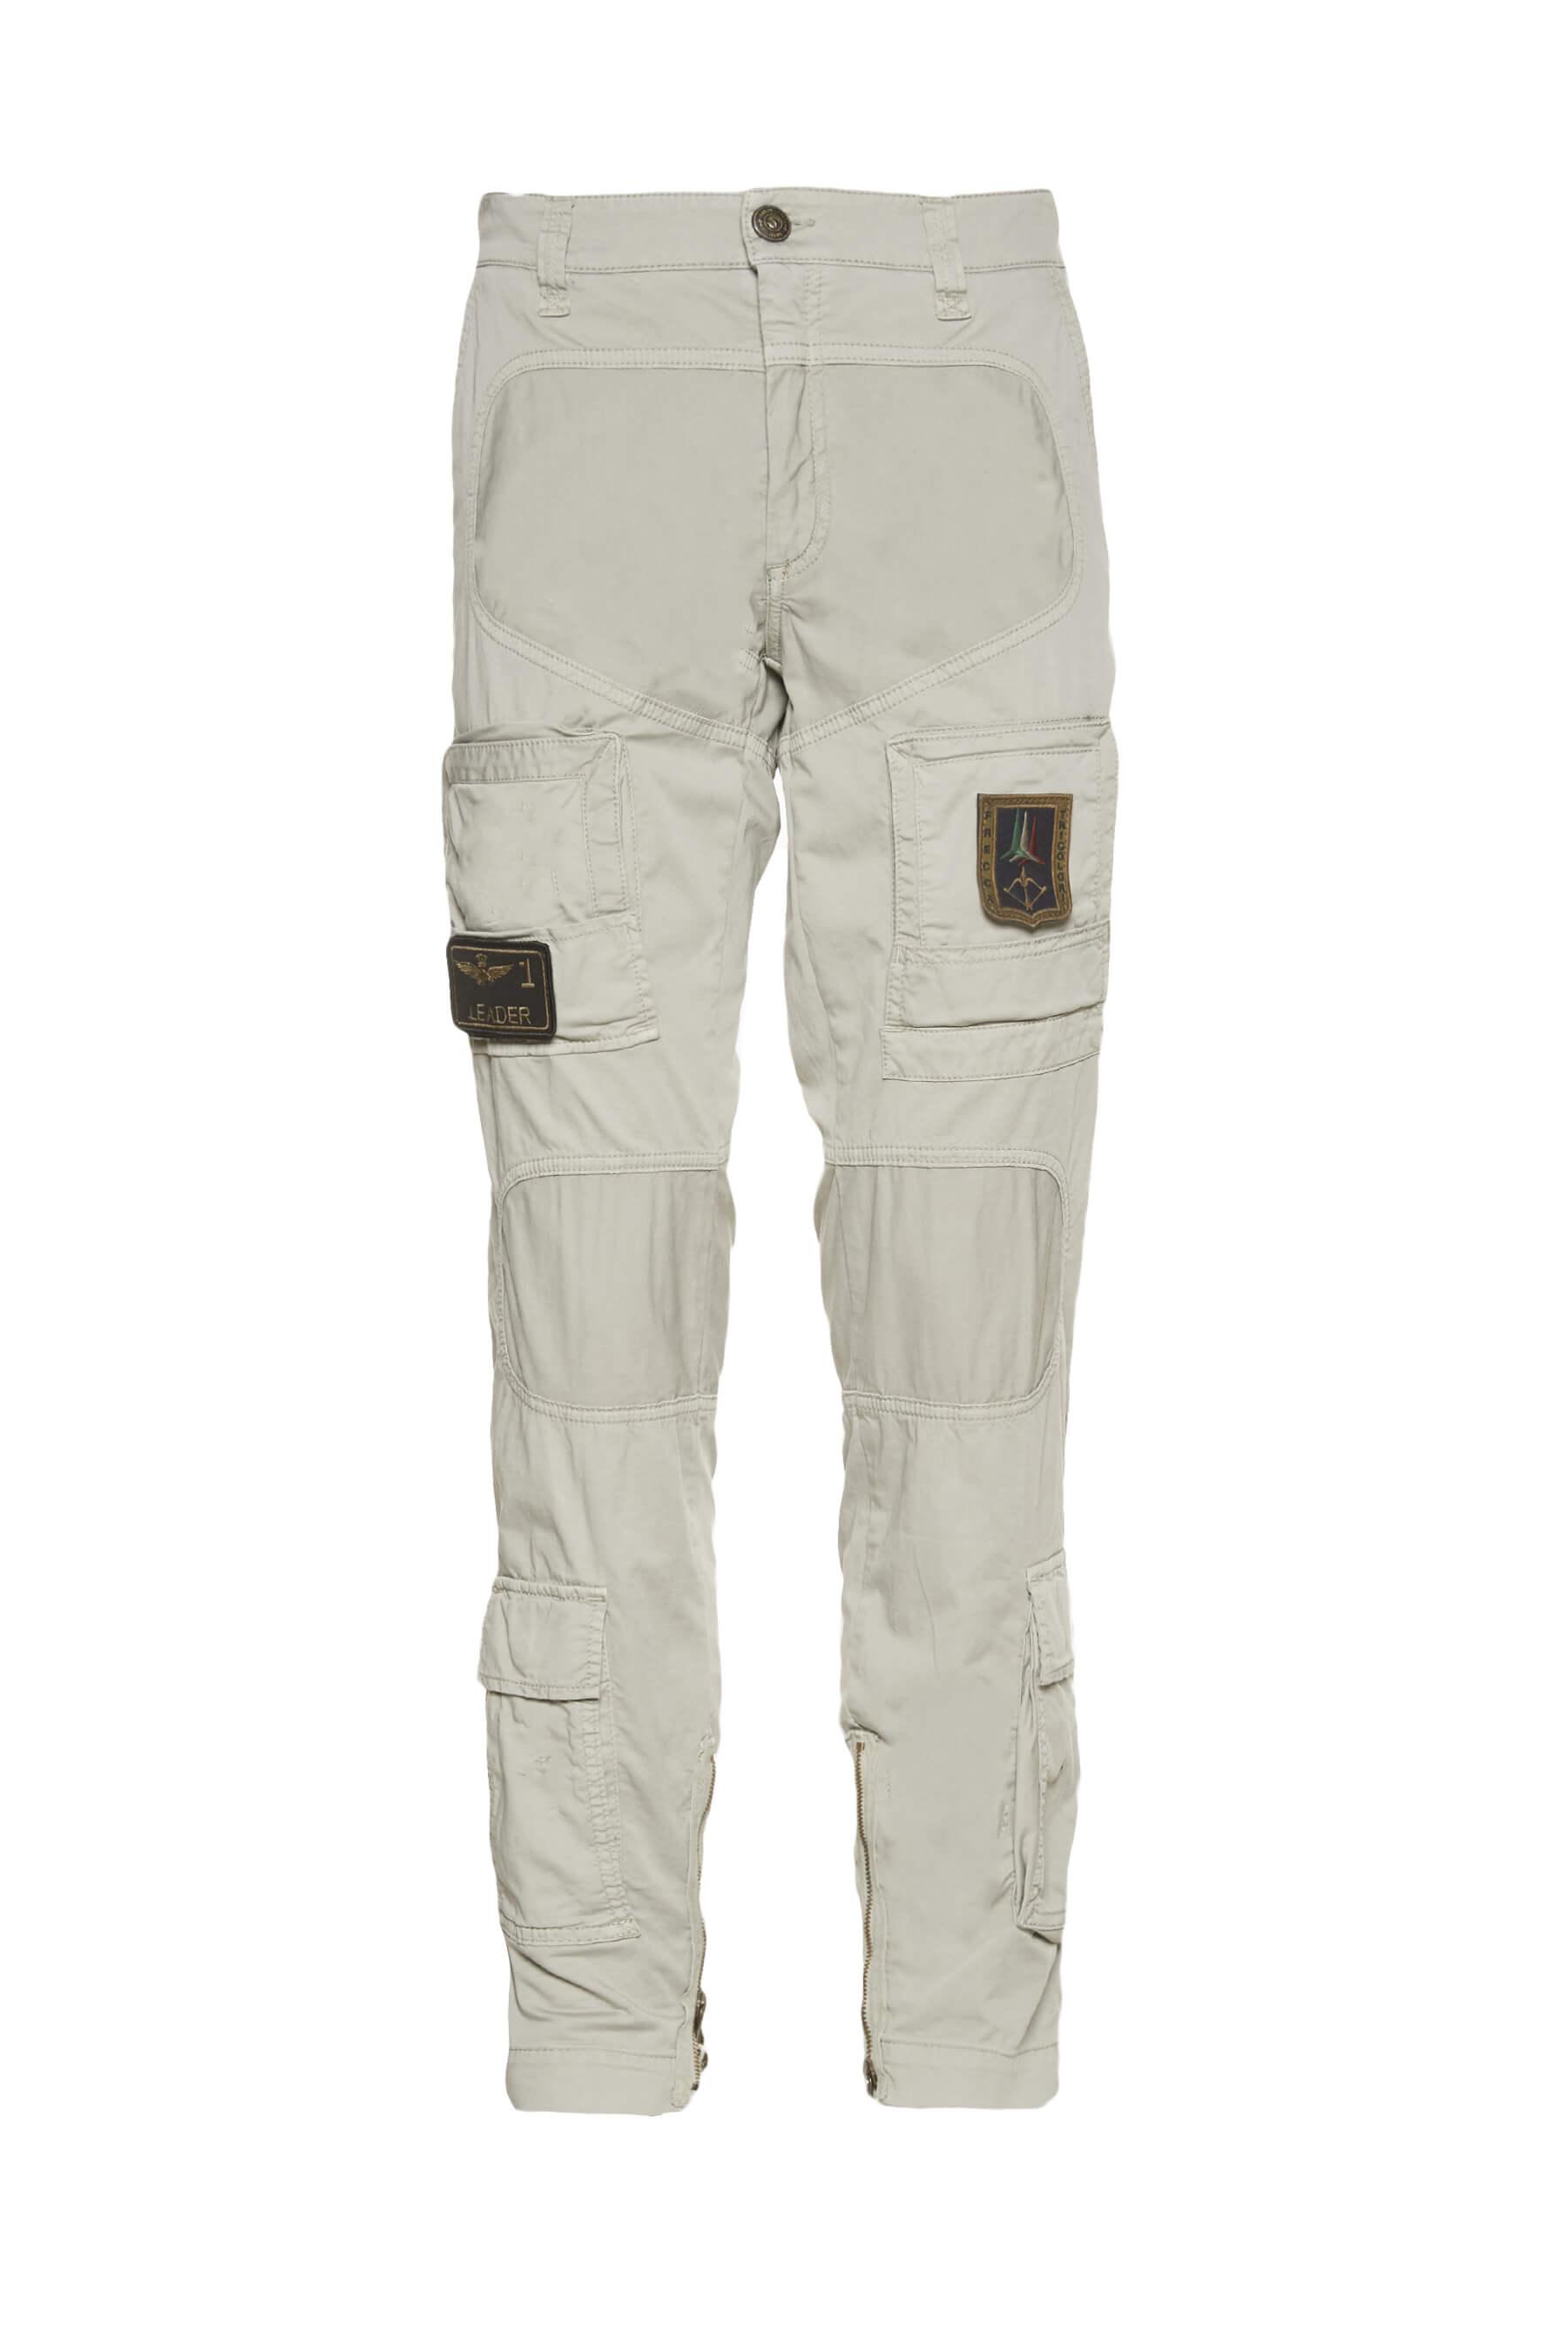 fornire un'ampia selezione di Promozione delle vendite brillantezza del colore Aeronautica Militare Pantalone modello Anti-g